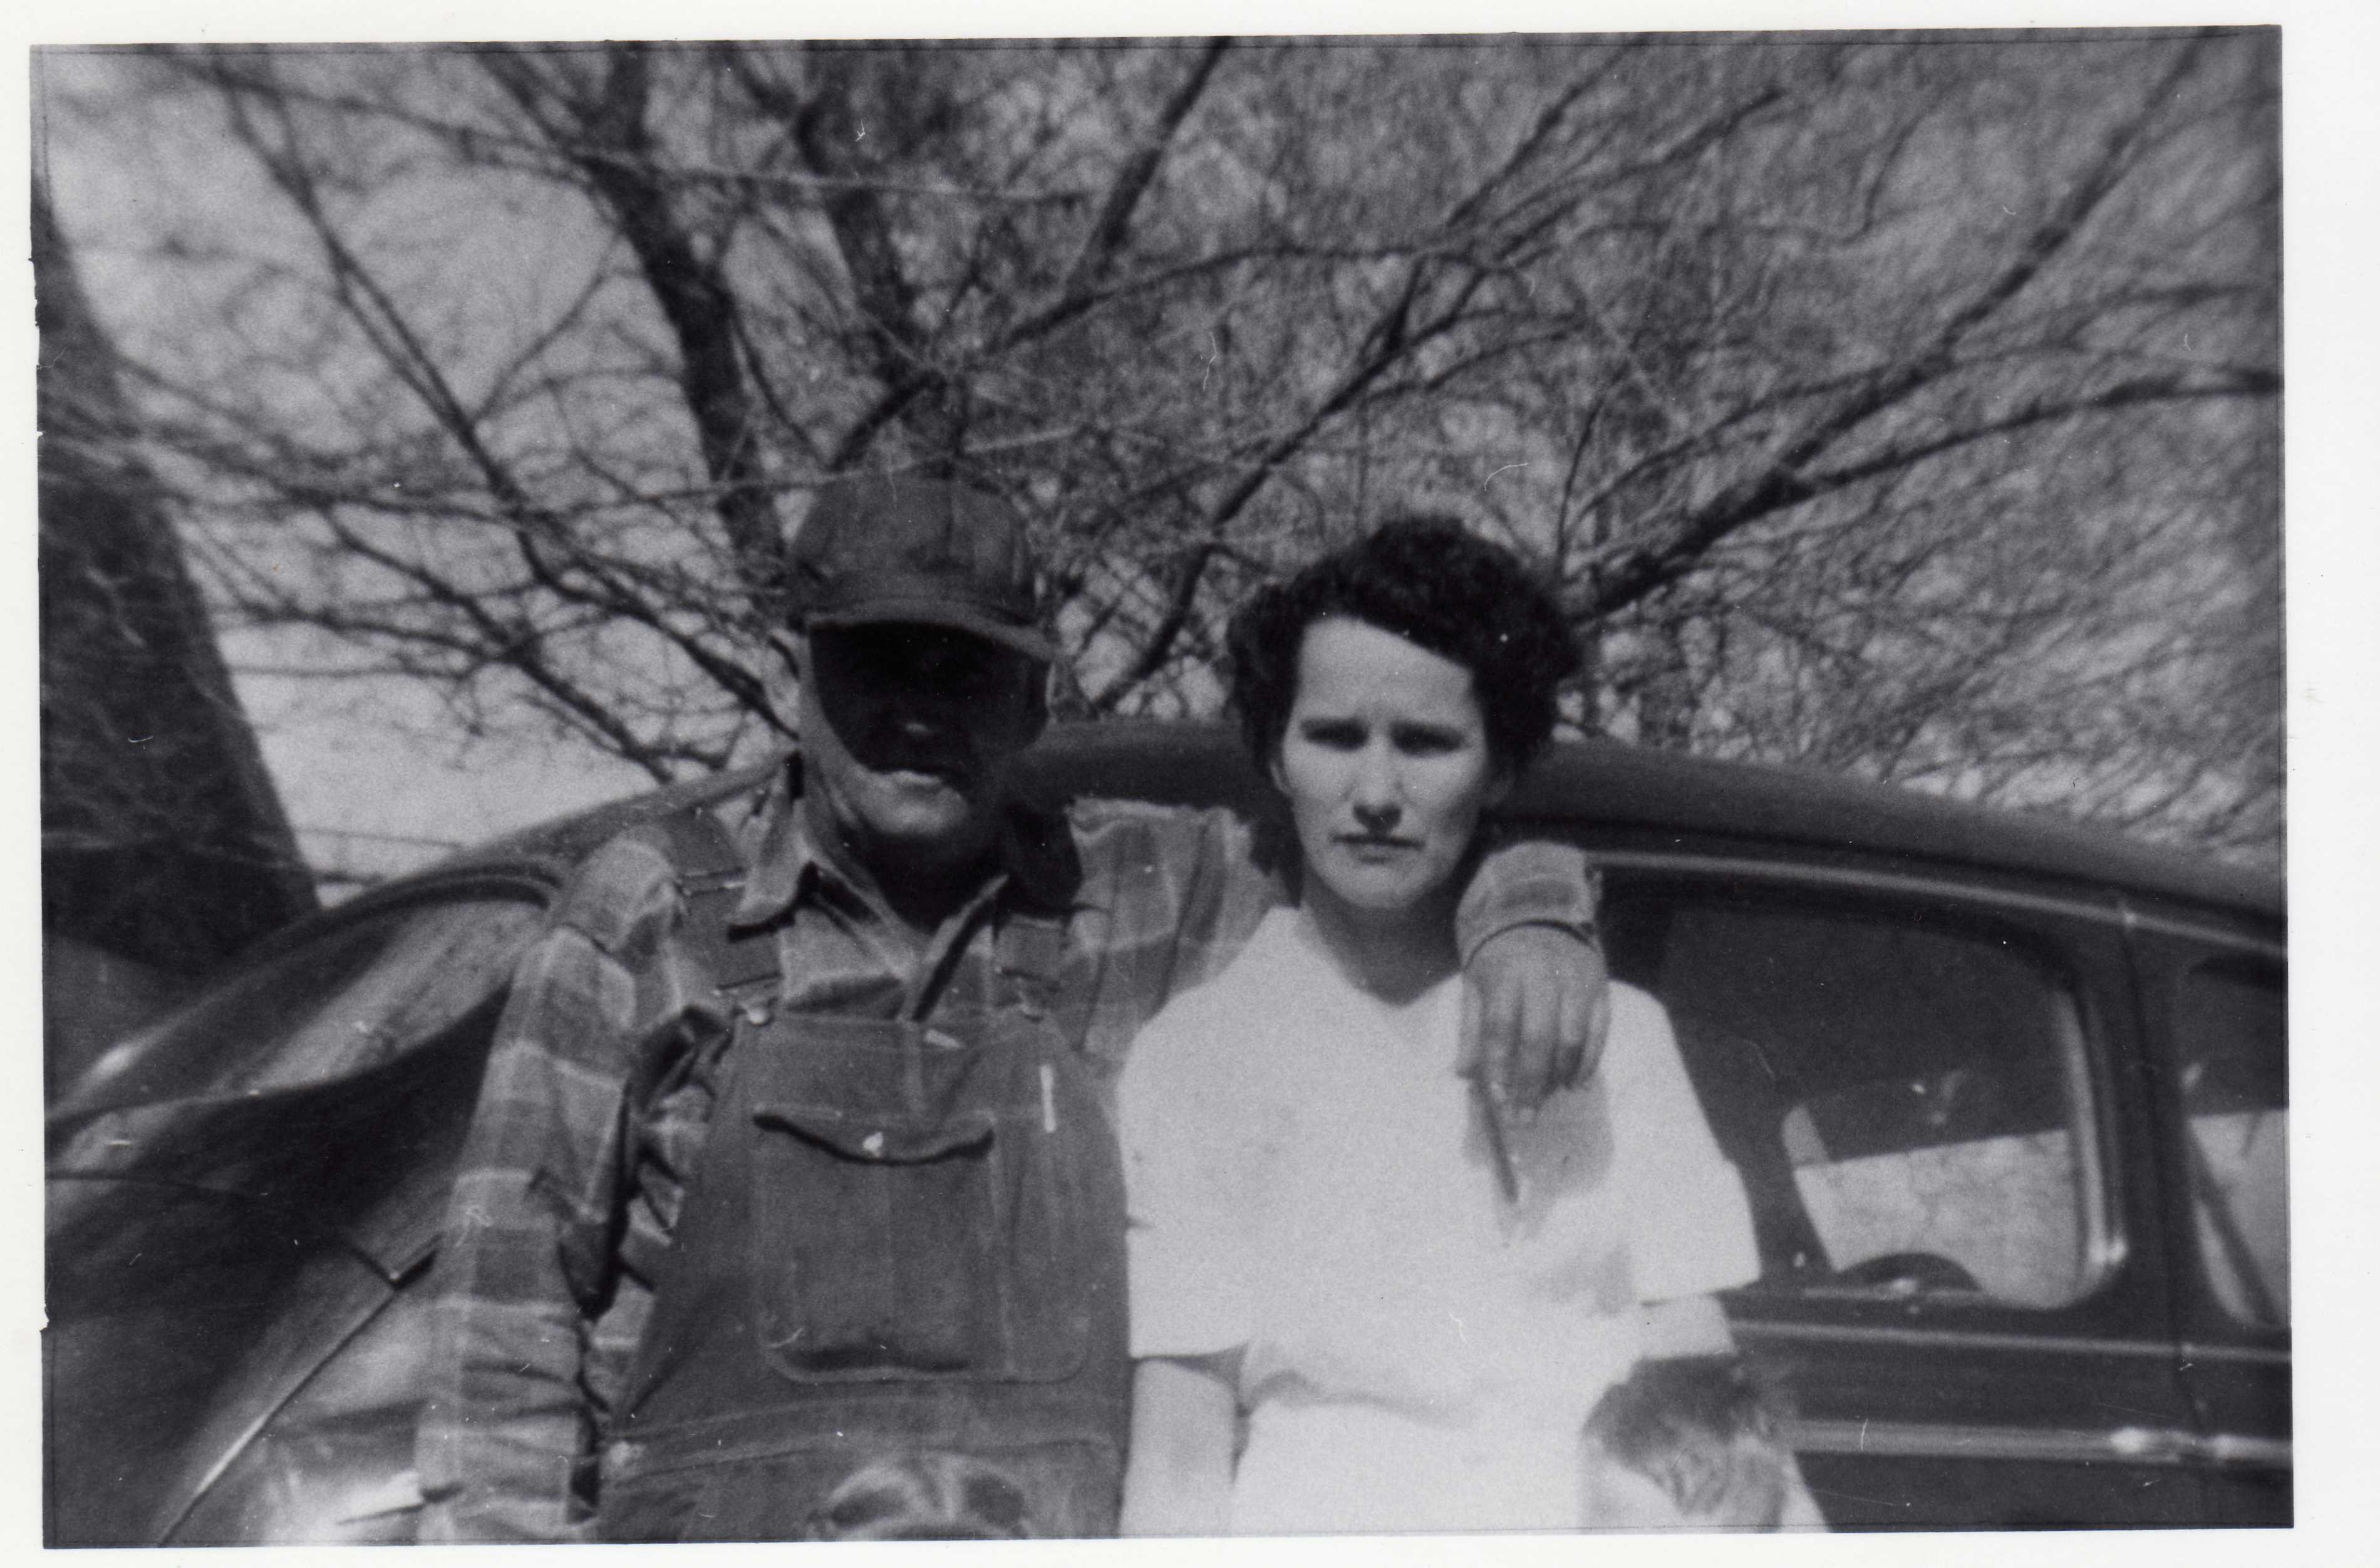 John and Mary Cruth